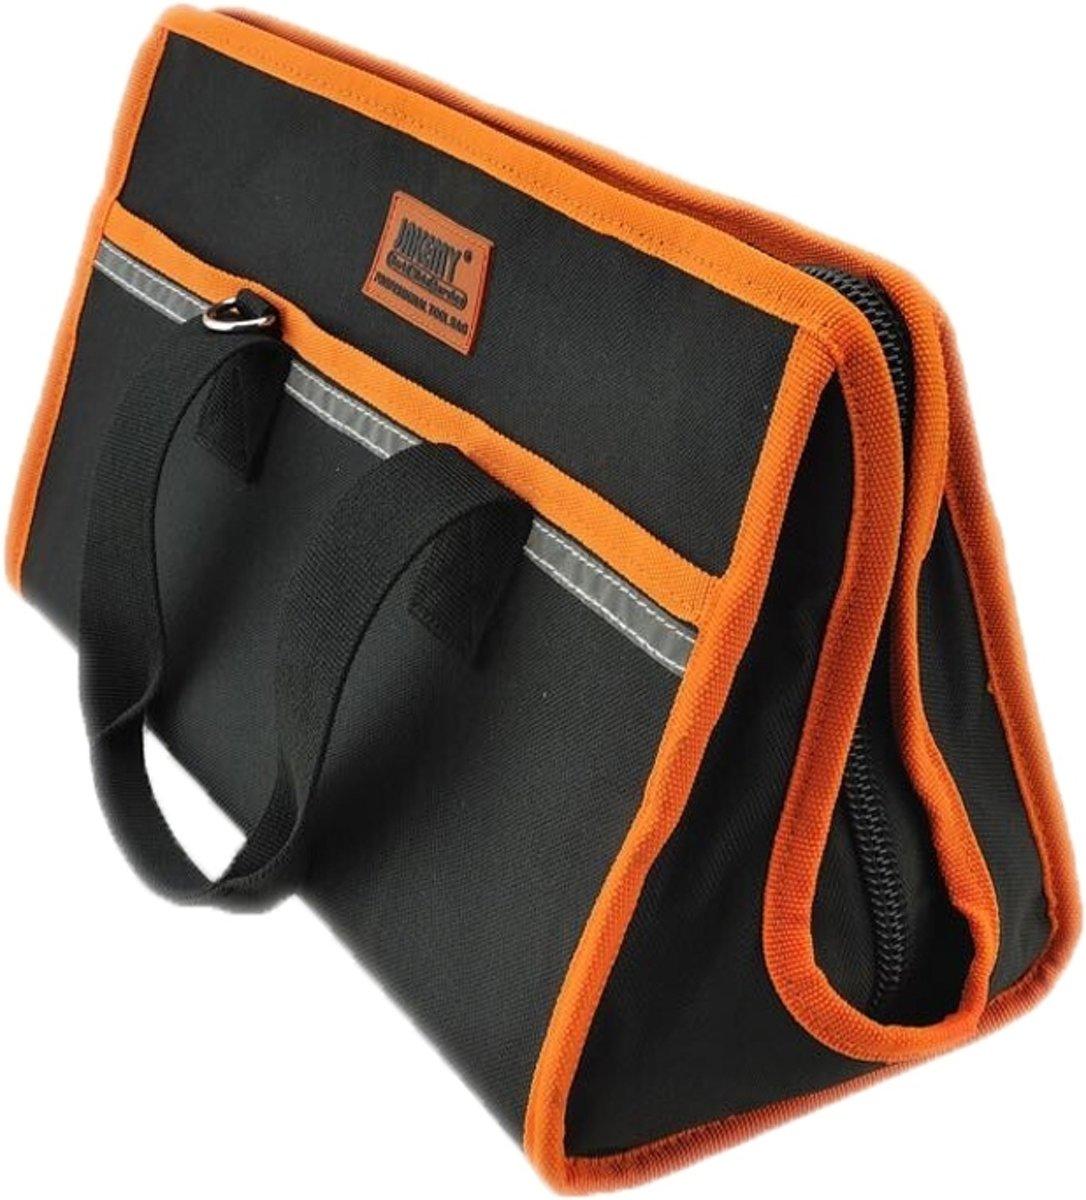 JAKEMY JM-B01 professioneel hulpmiddel tas  grootte: groot kopen